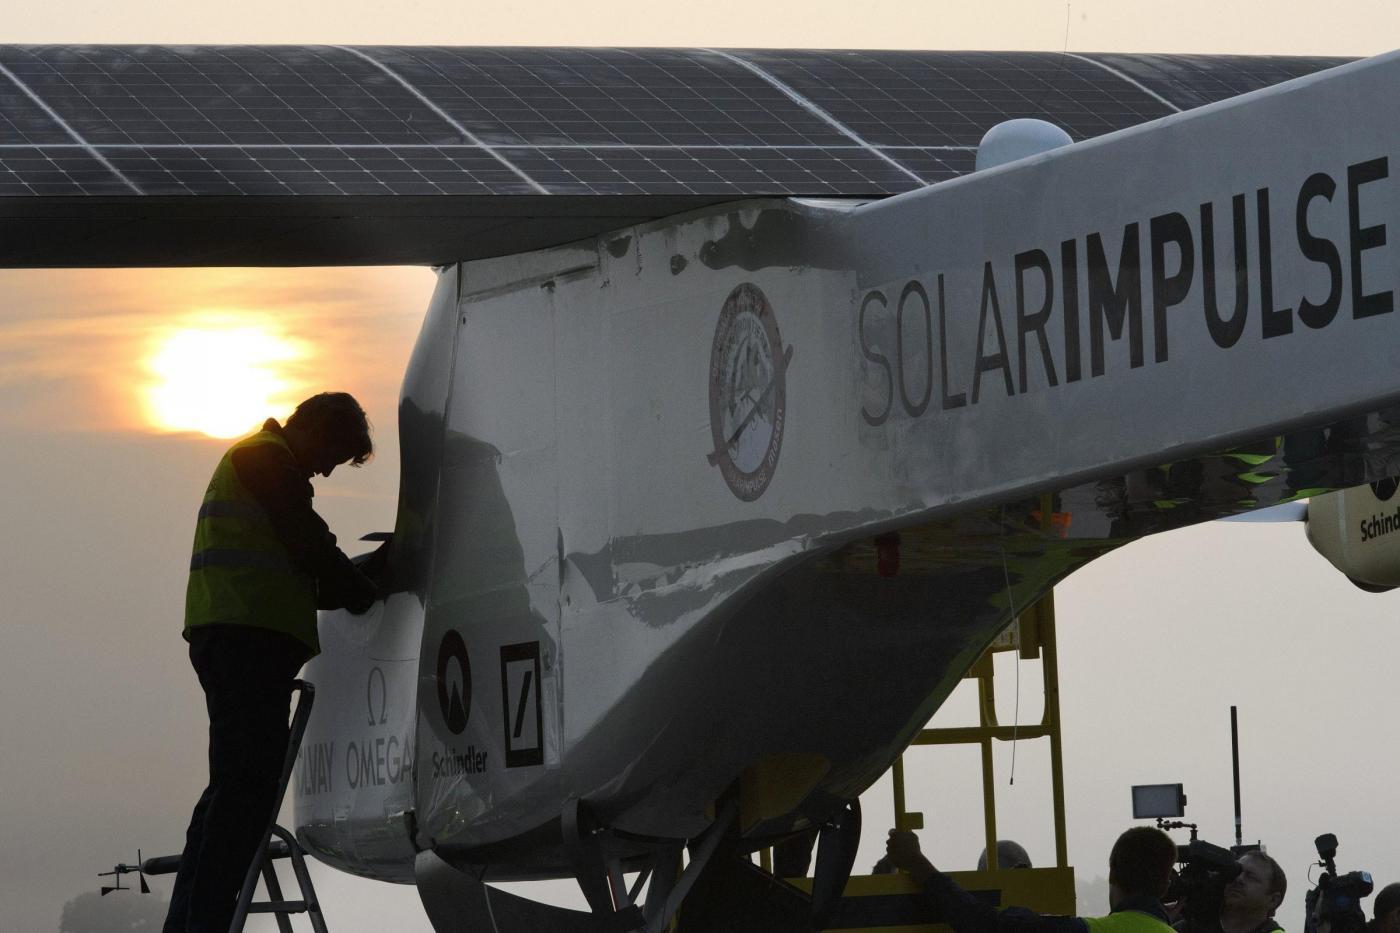 Decolla Solar Impulse, il primo aereo solare al mondo01